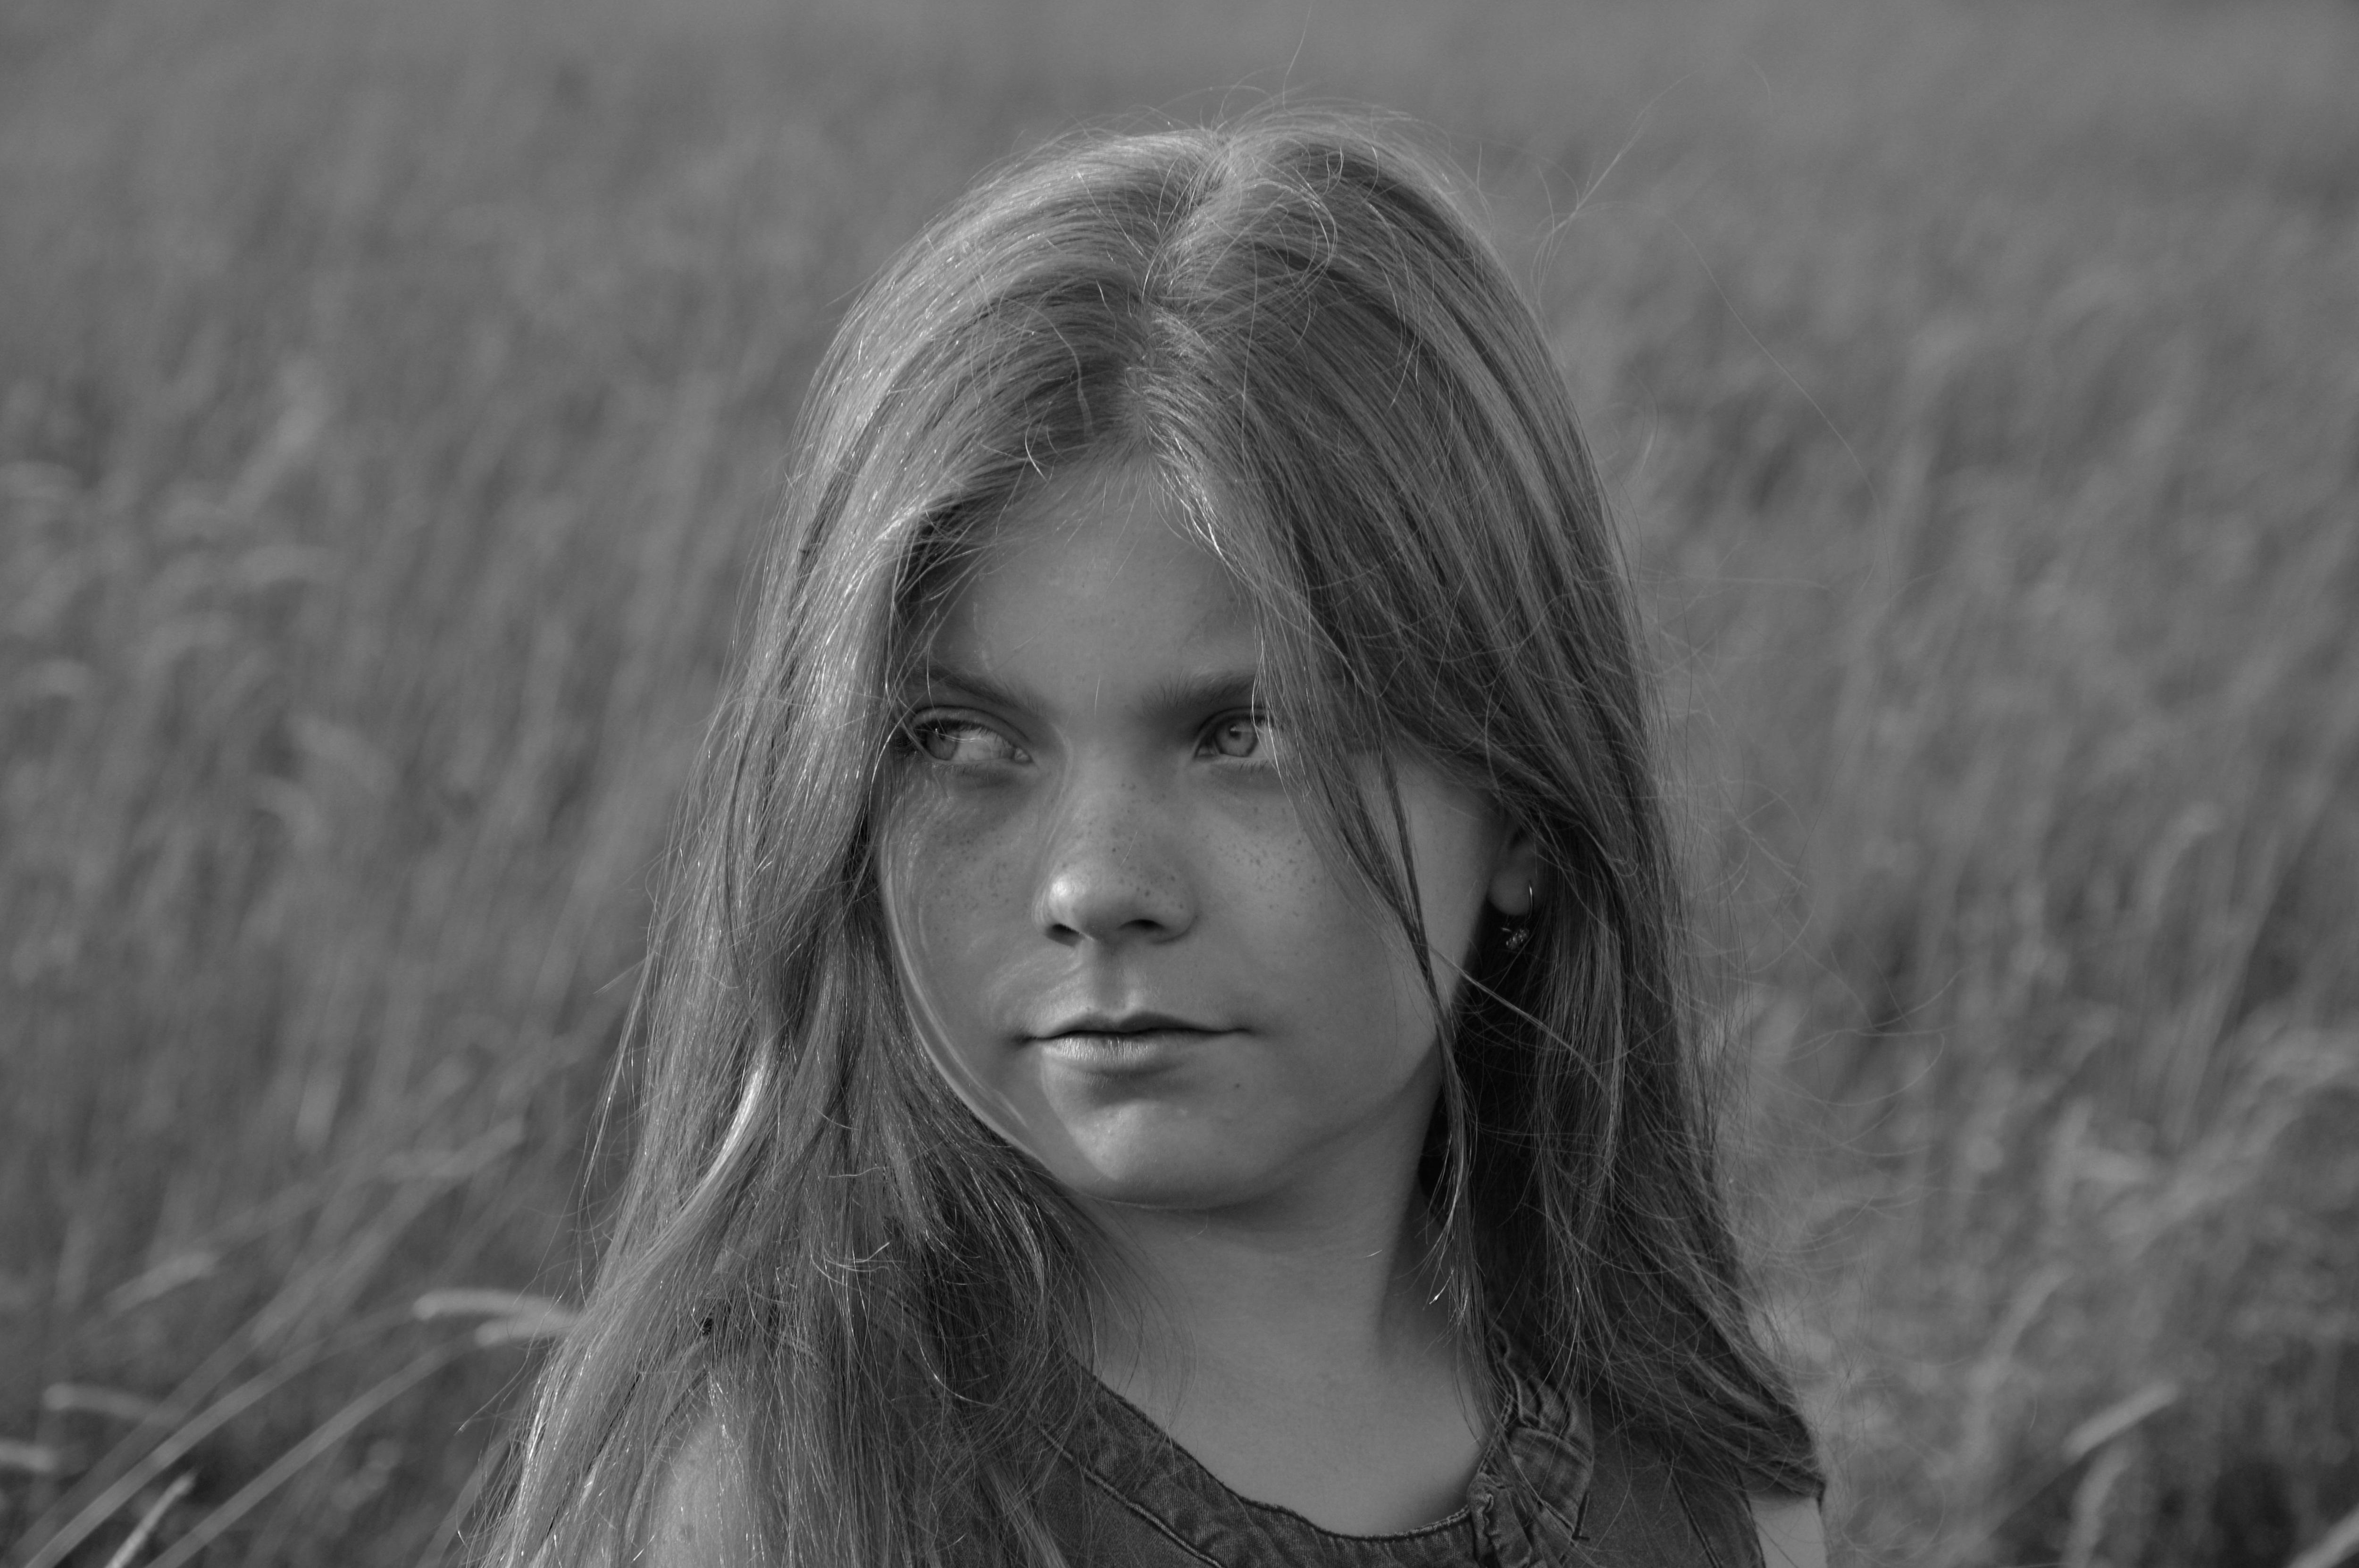 Фото малиньких девочек порно, Девочка созрела? Самые скандальные фотосессии юных 22 фотография